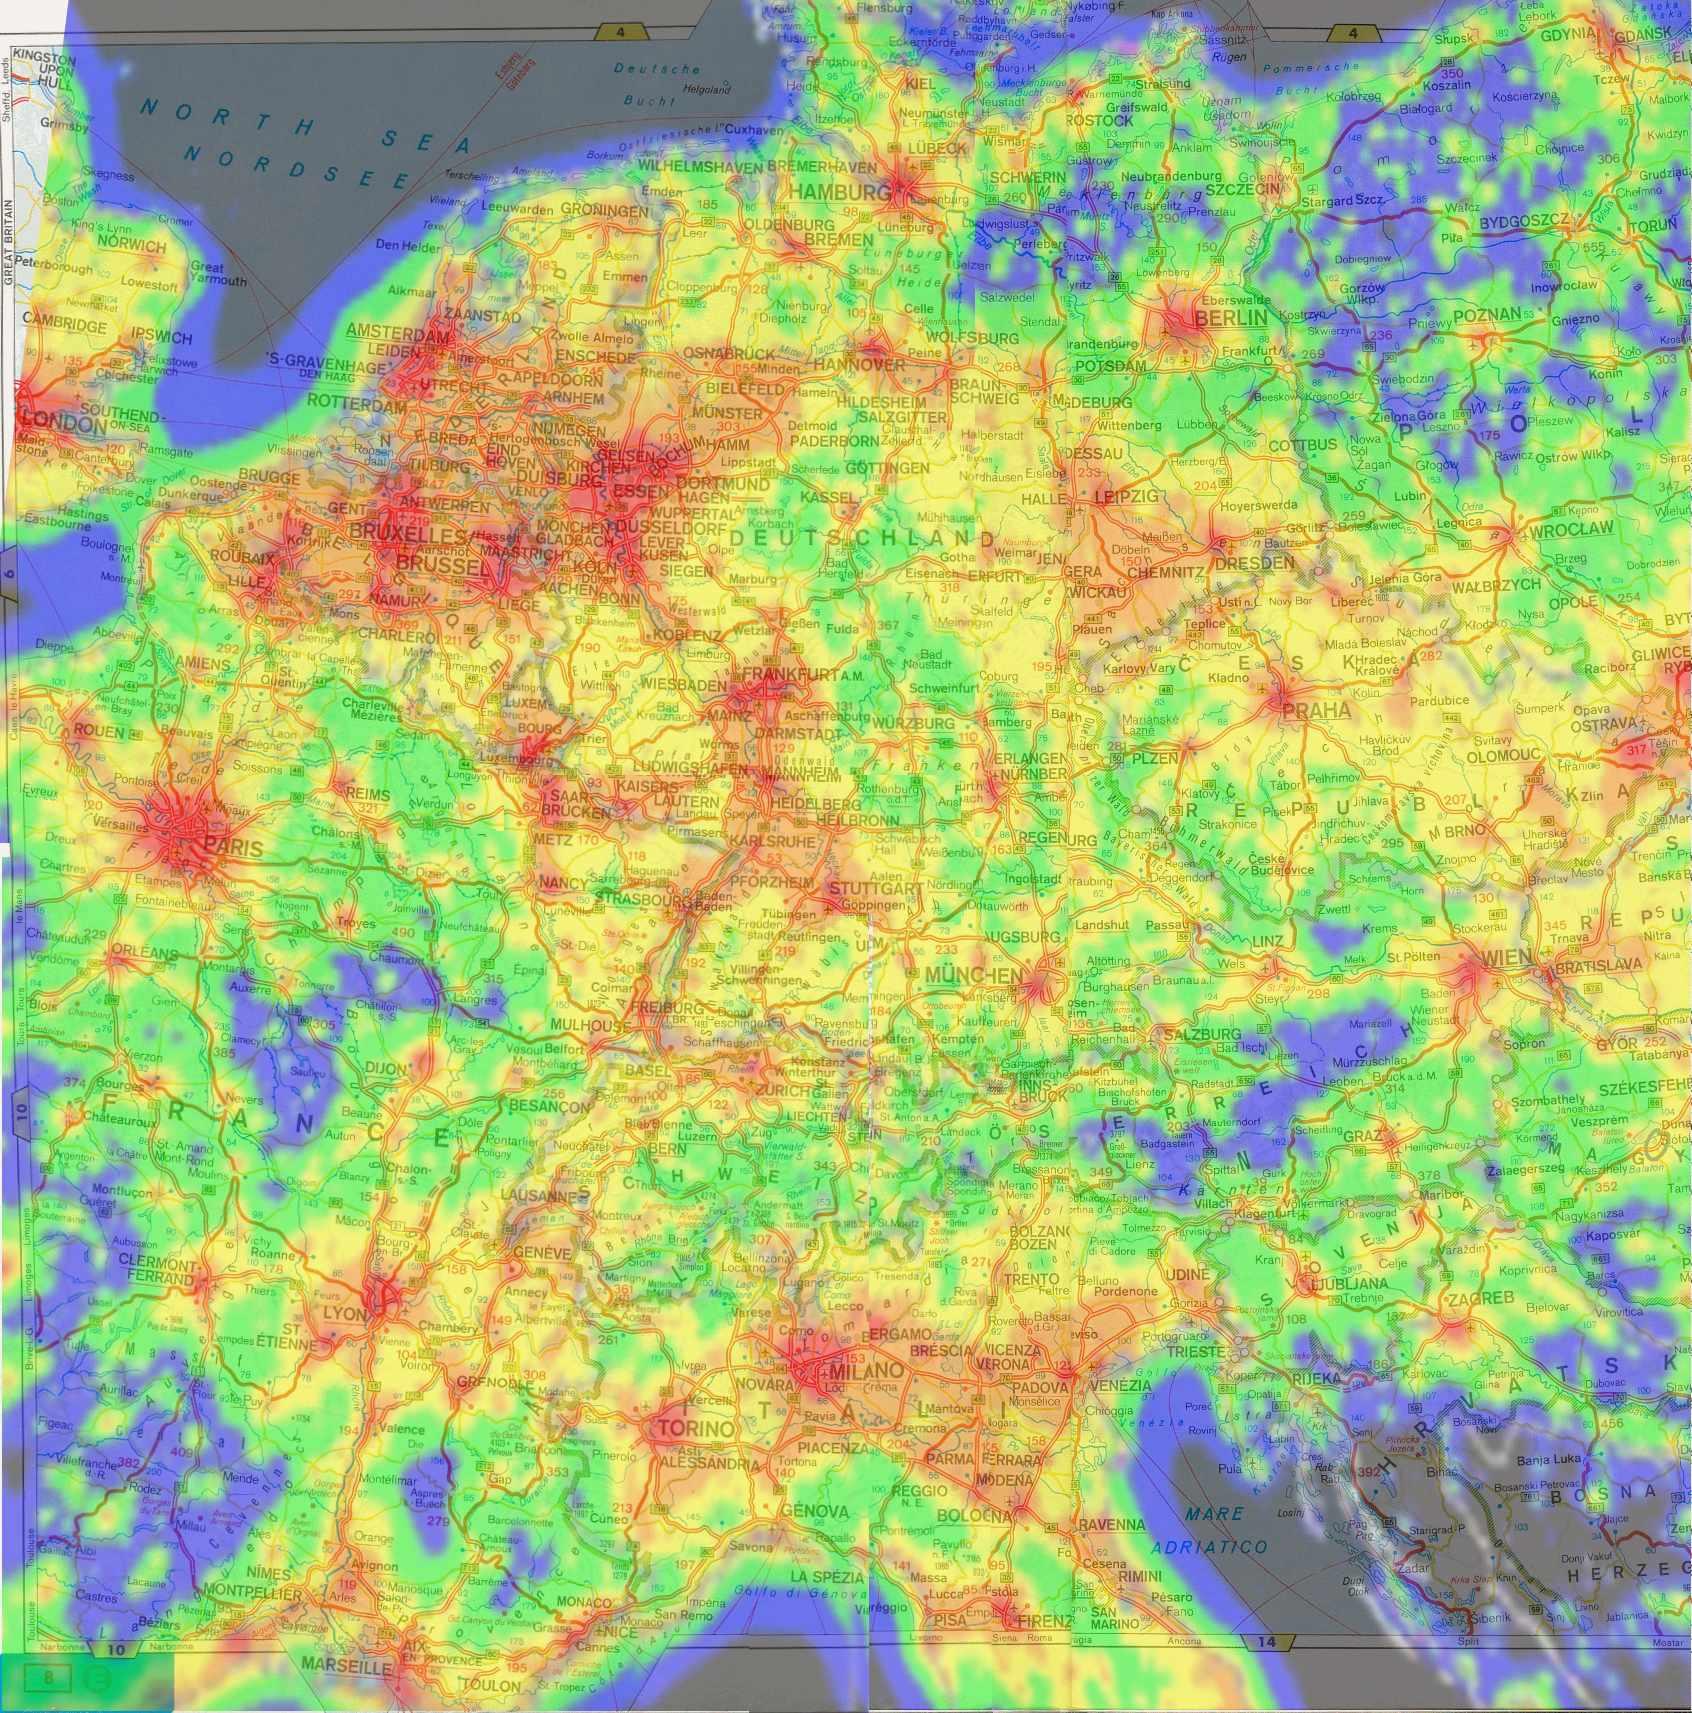 lichtverschmutzung deutschland karte Der optimale Standort (Lichtverschmutzung) lichtverschmutzung deutschland karte